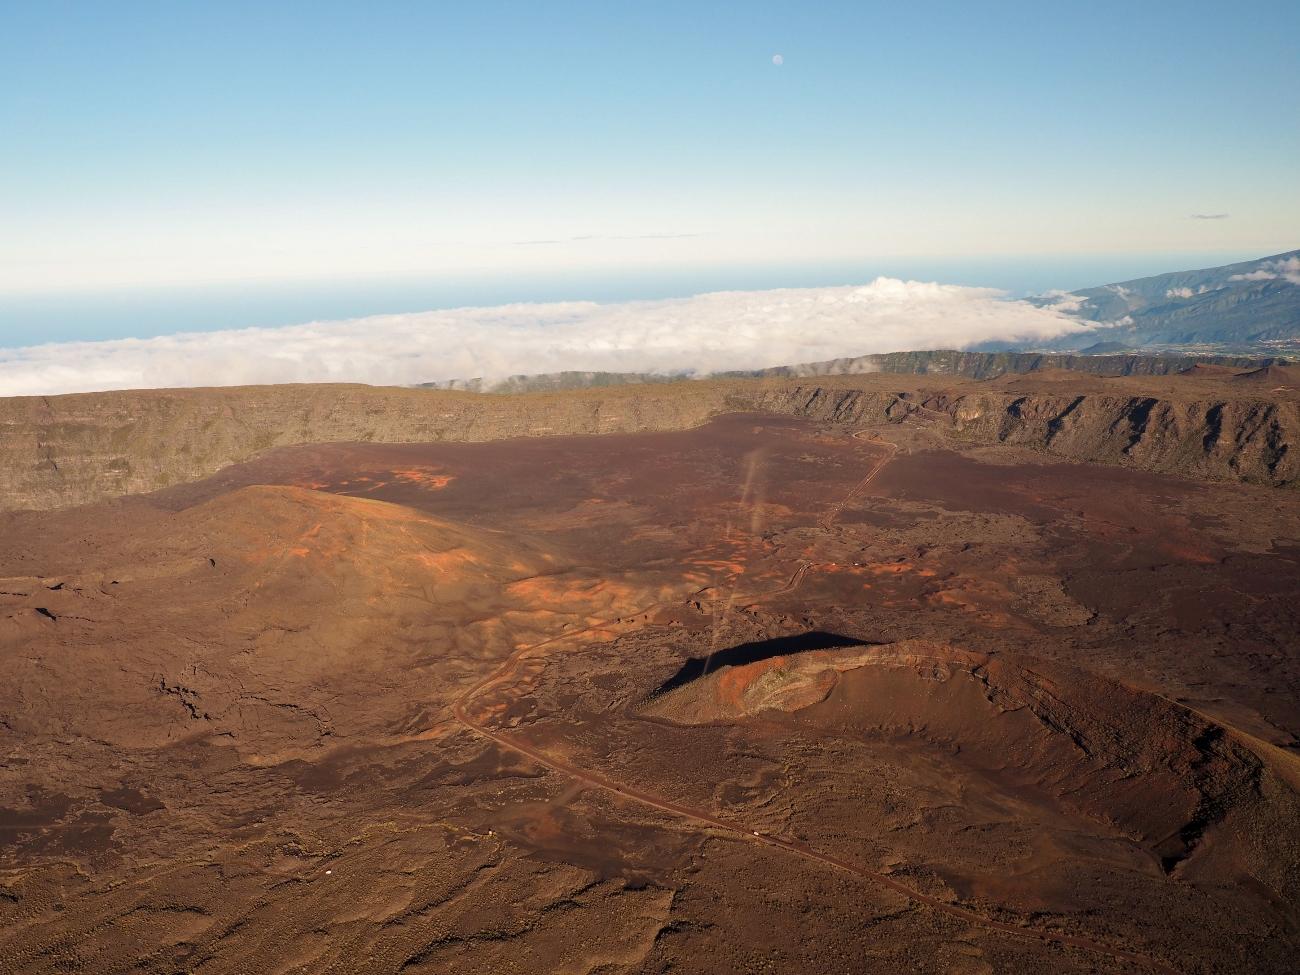 Une semaine à la Réunion avec la Plaine des Sables